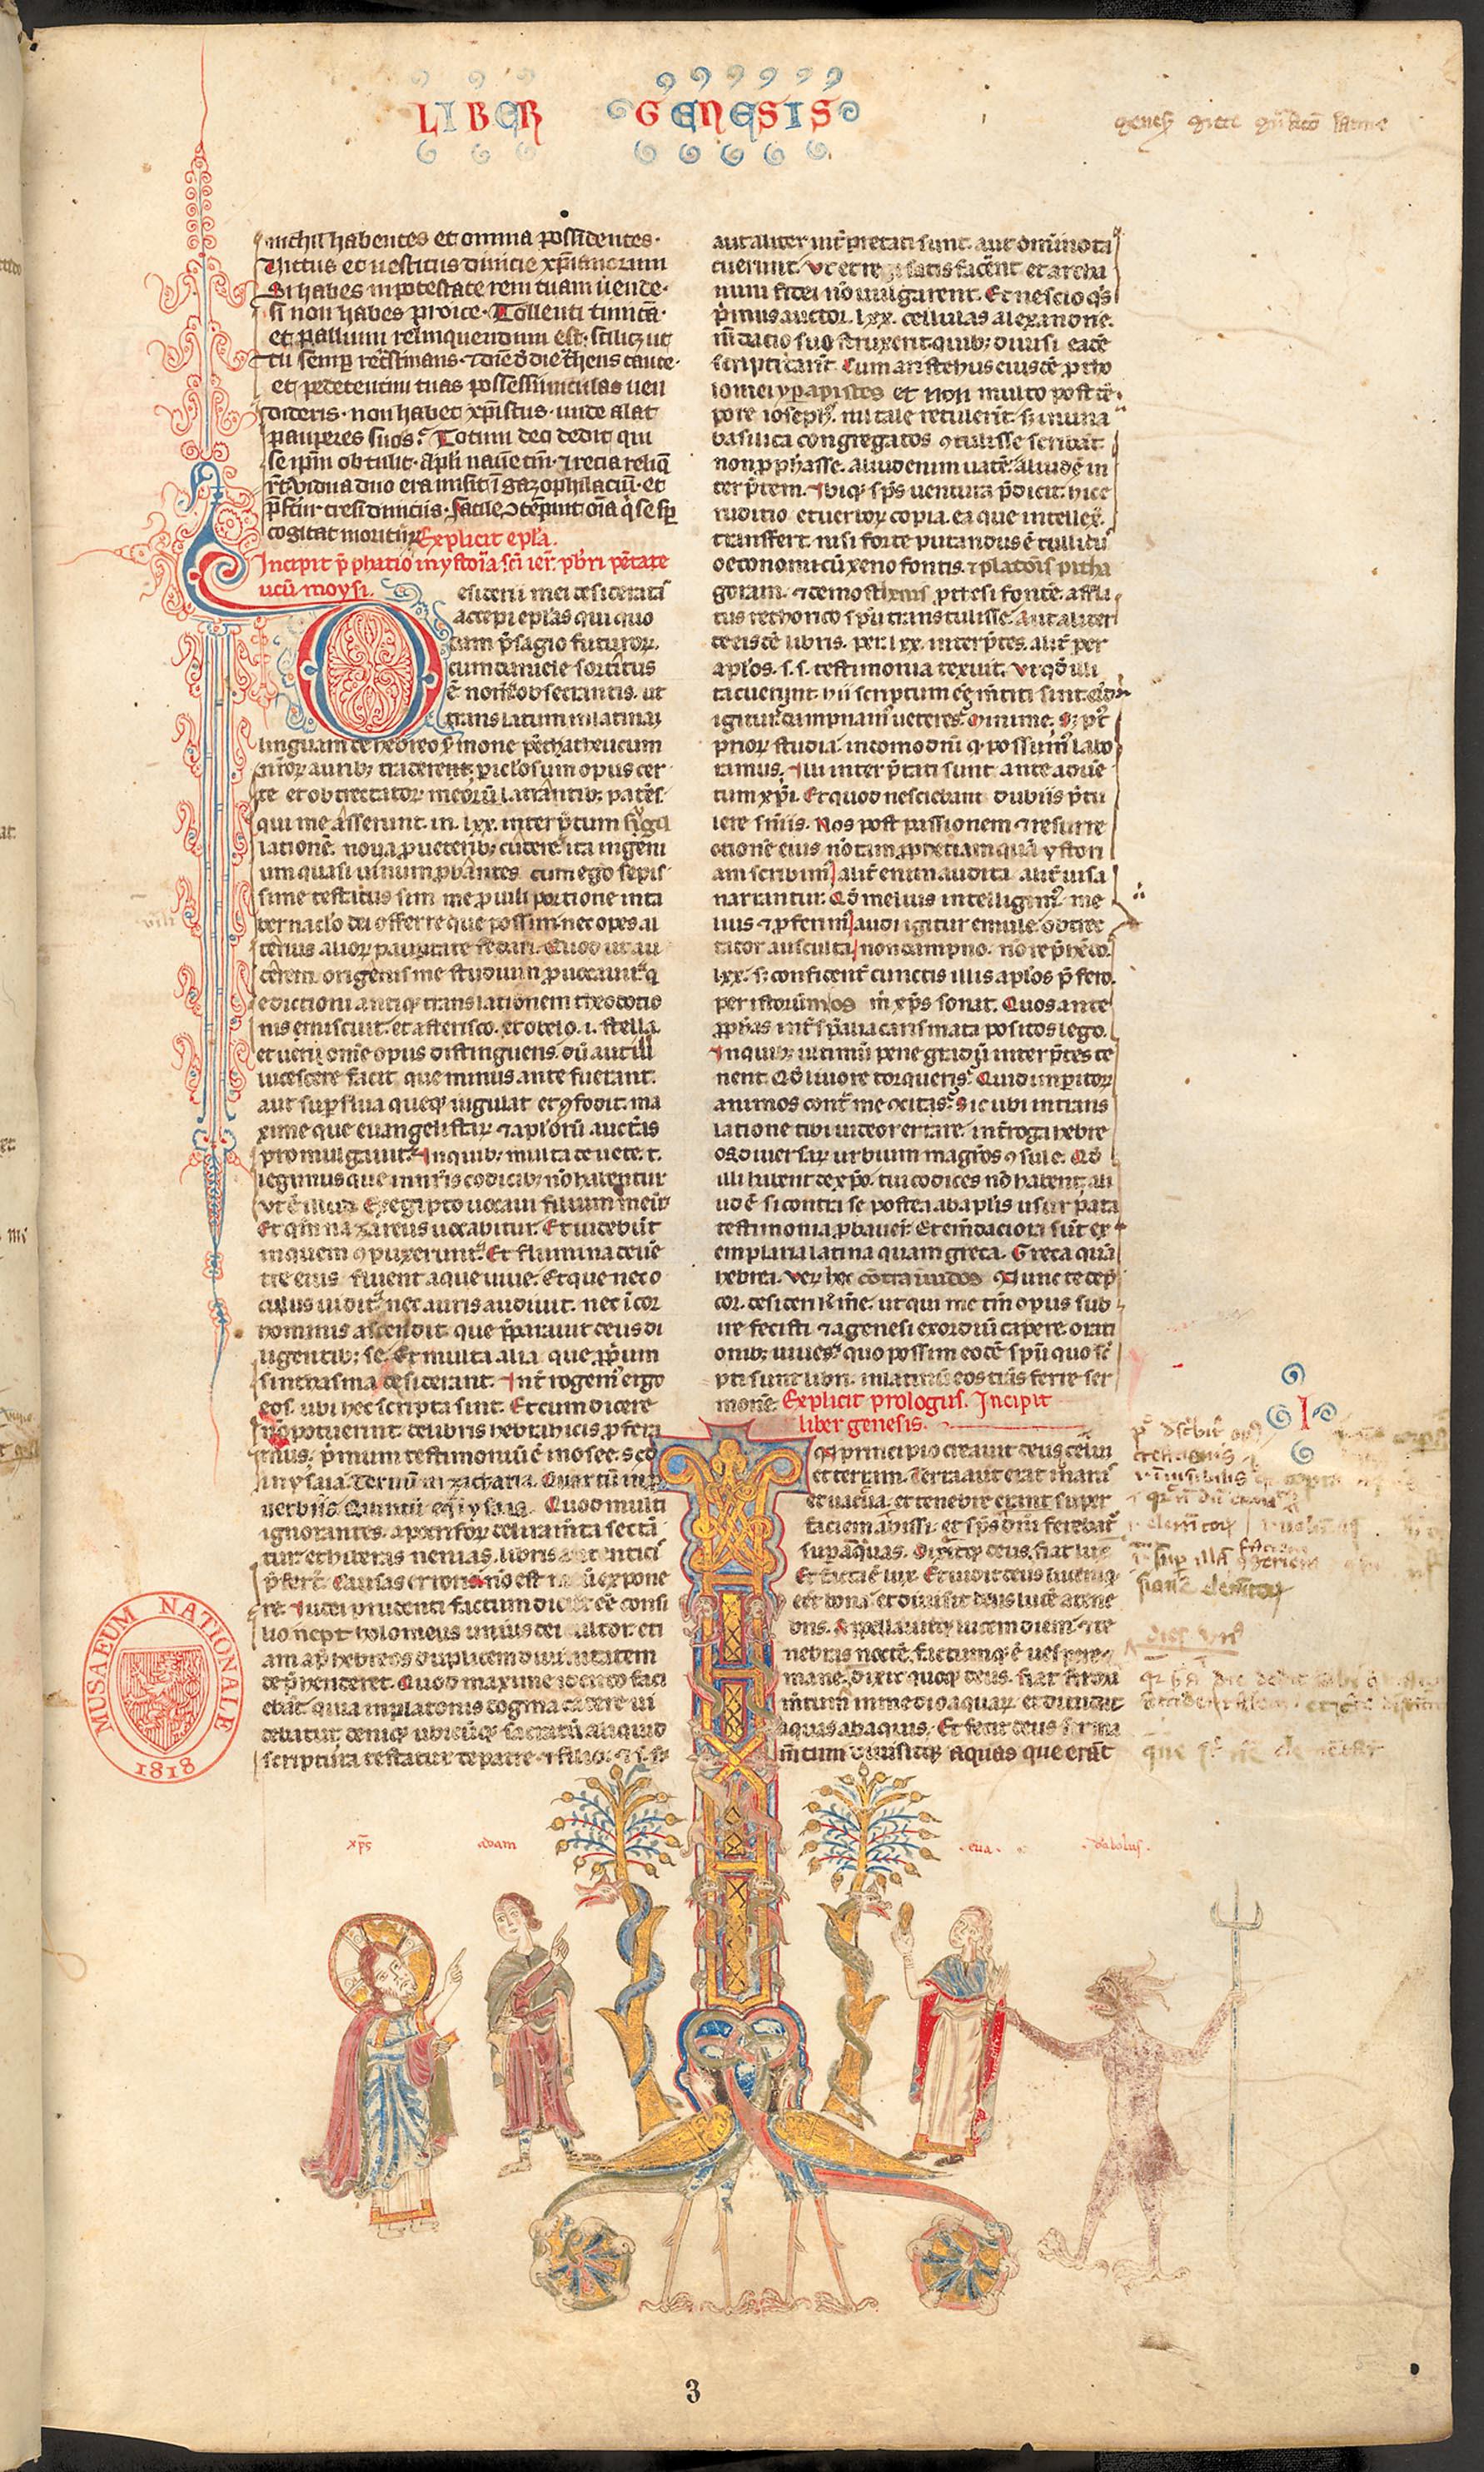 Biblia; Pseudo-Stephanus Langton: Interpretationes nominum hebraicorum; Sermones et excerpta